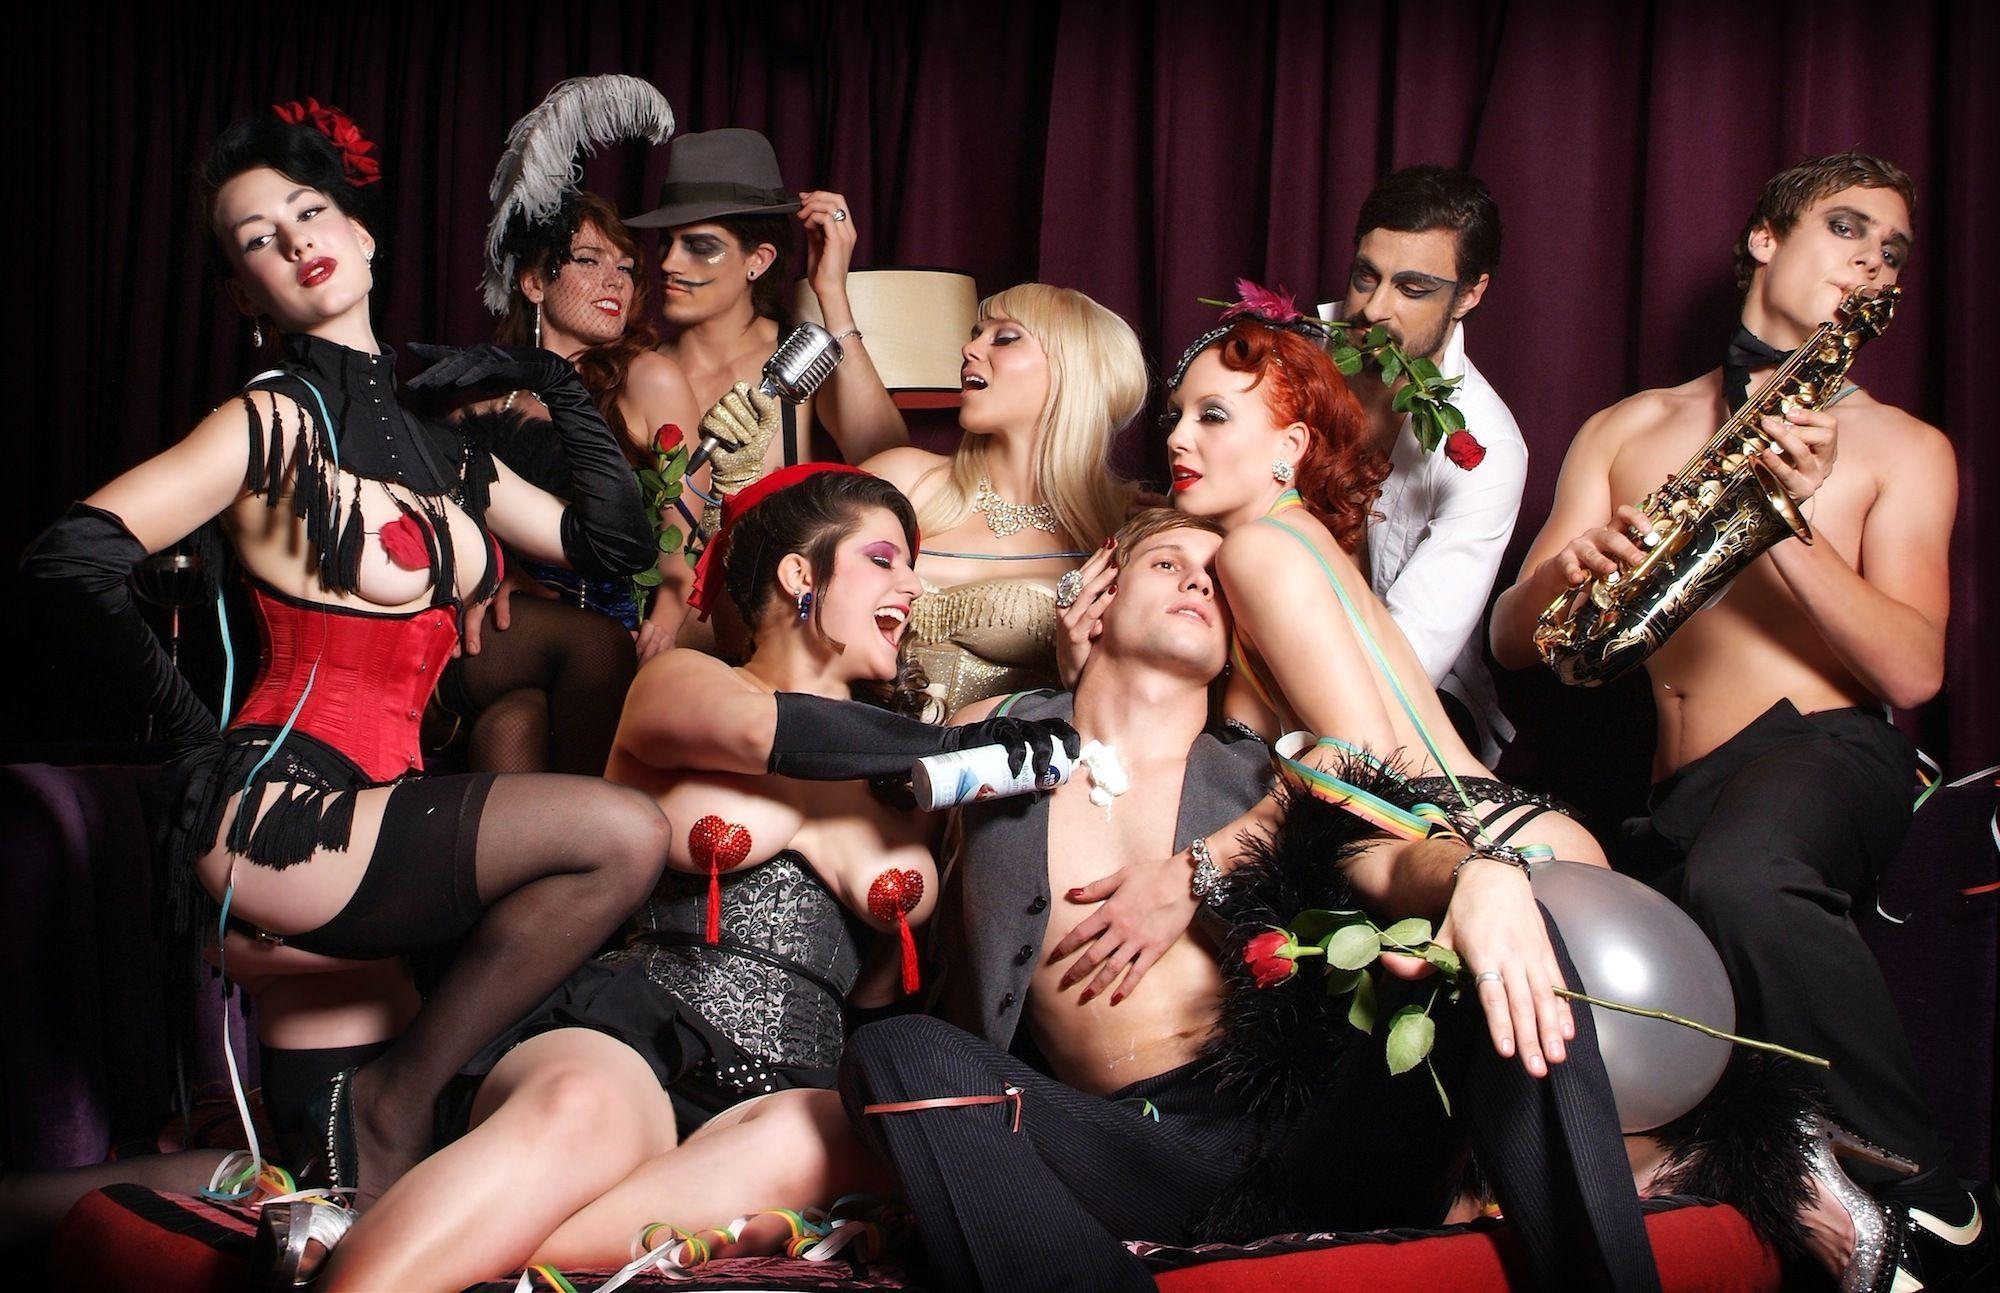 Секс вечеринка русских семейных пар — разврат или море удовольствия?